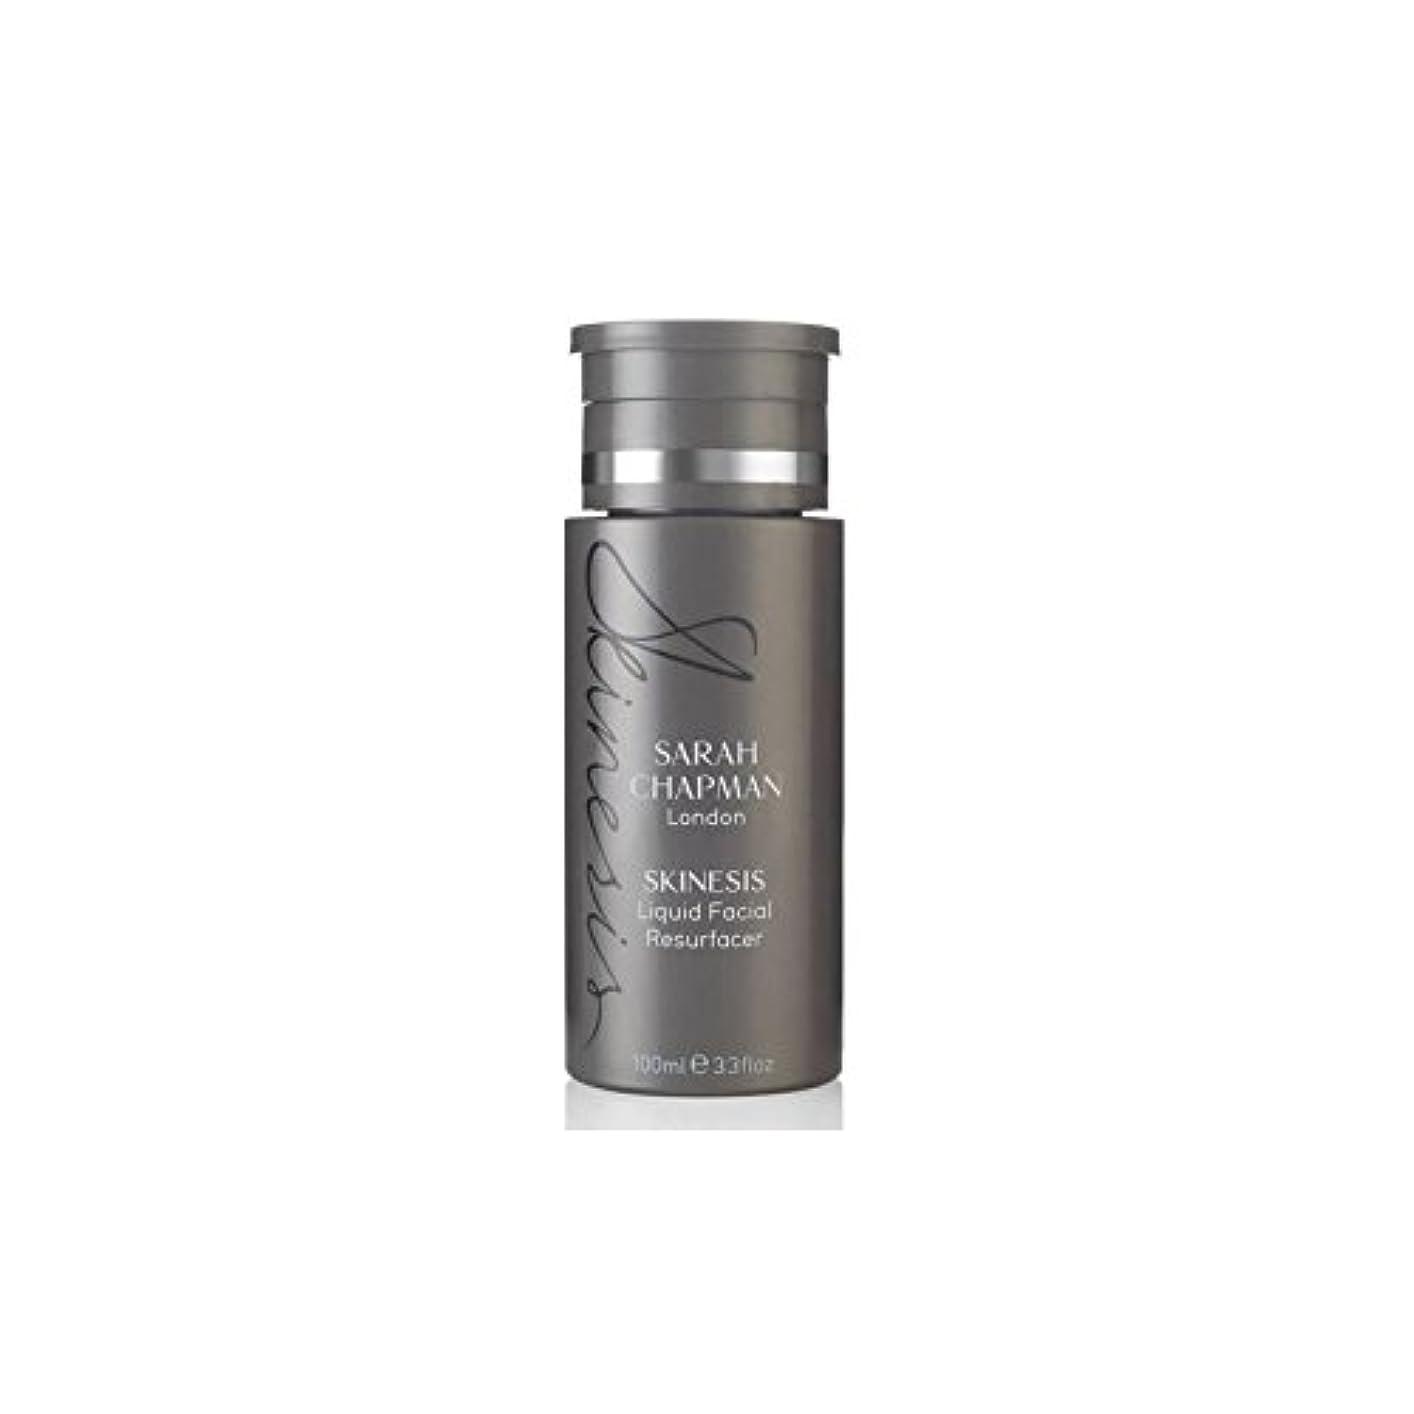 富犯罪スポーツSarah Chapman Skinesis Liquid Facial Resurfacer (100ml) - サラチャップマン液体顔(100)に [並行輸入品]